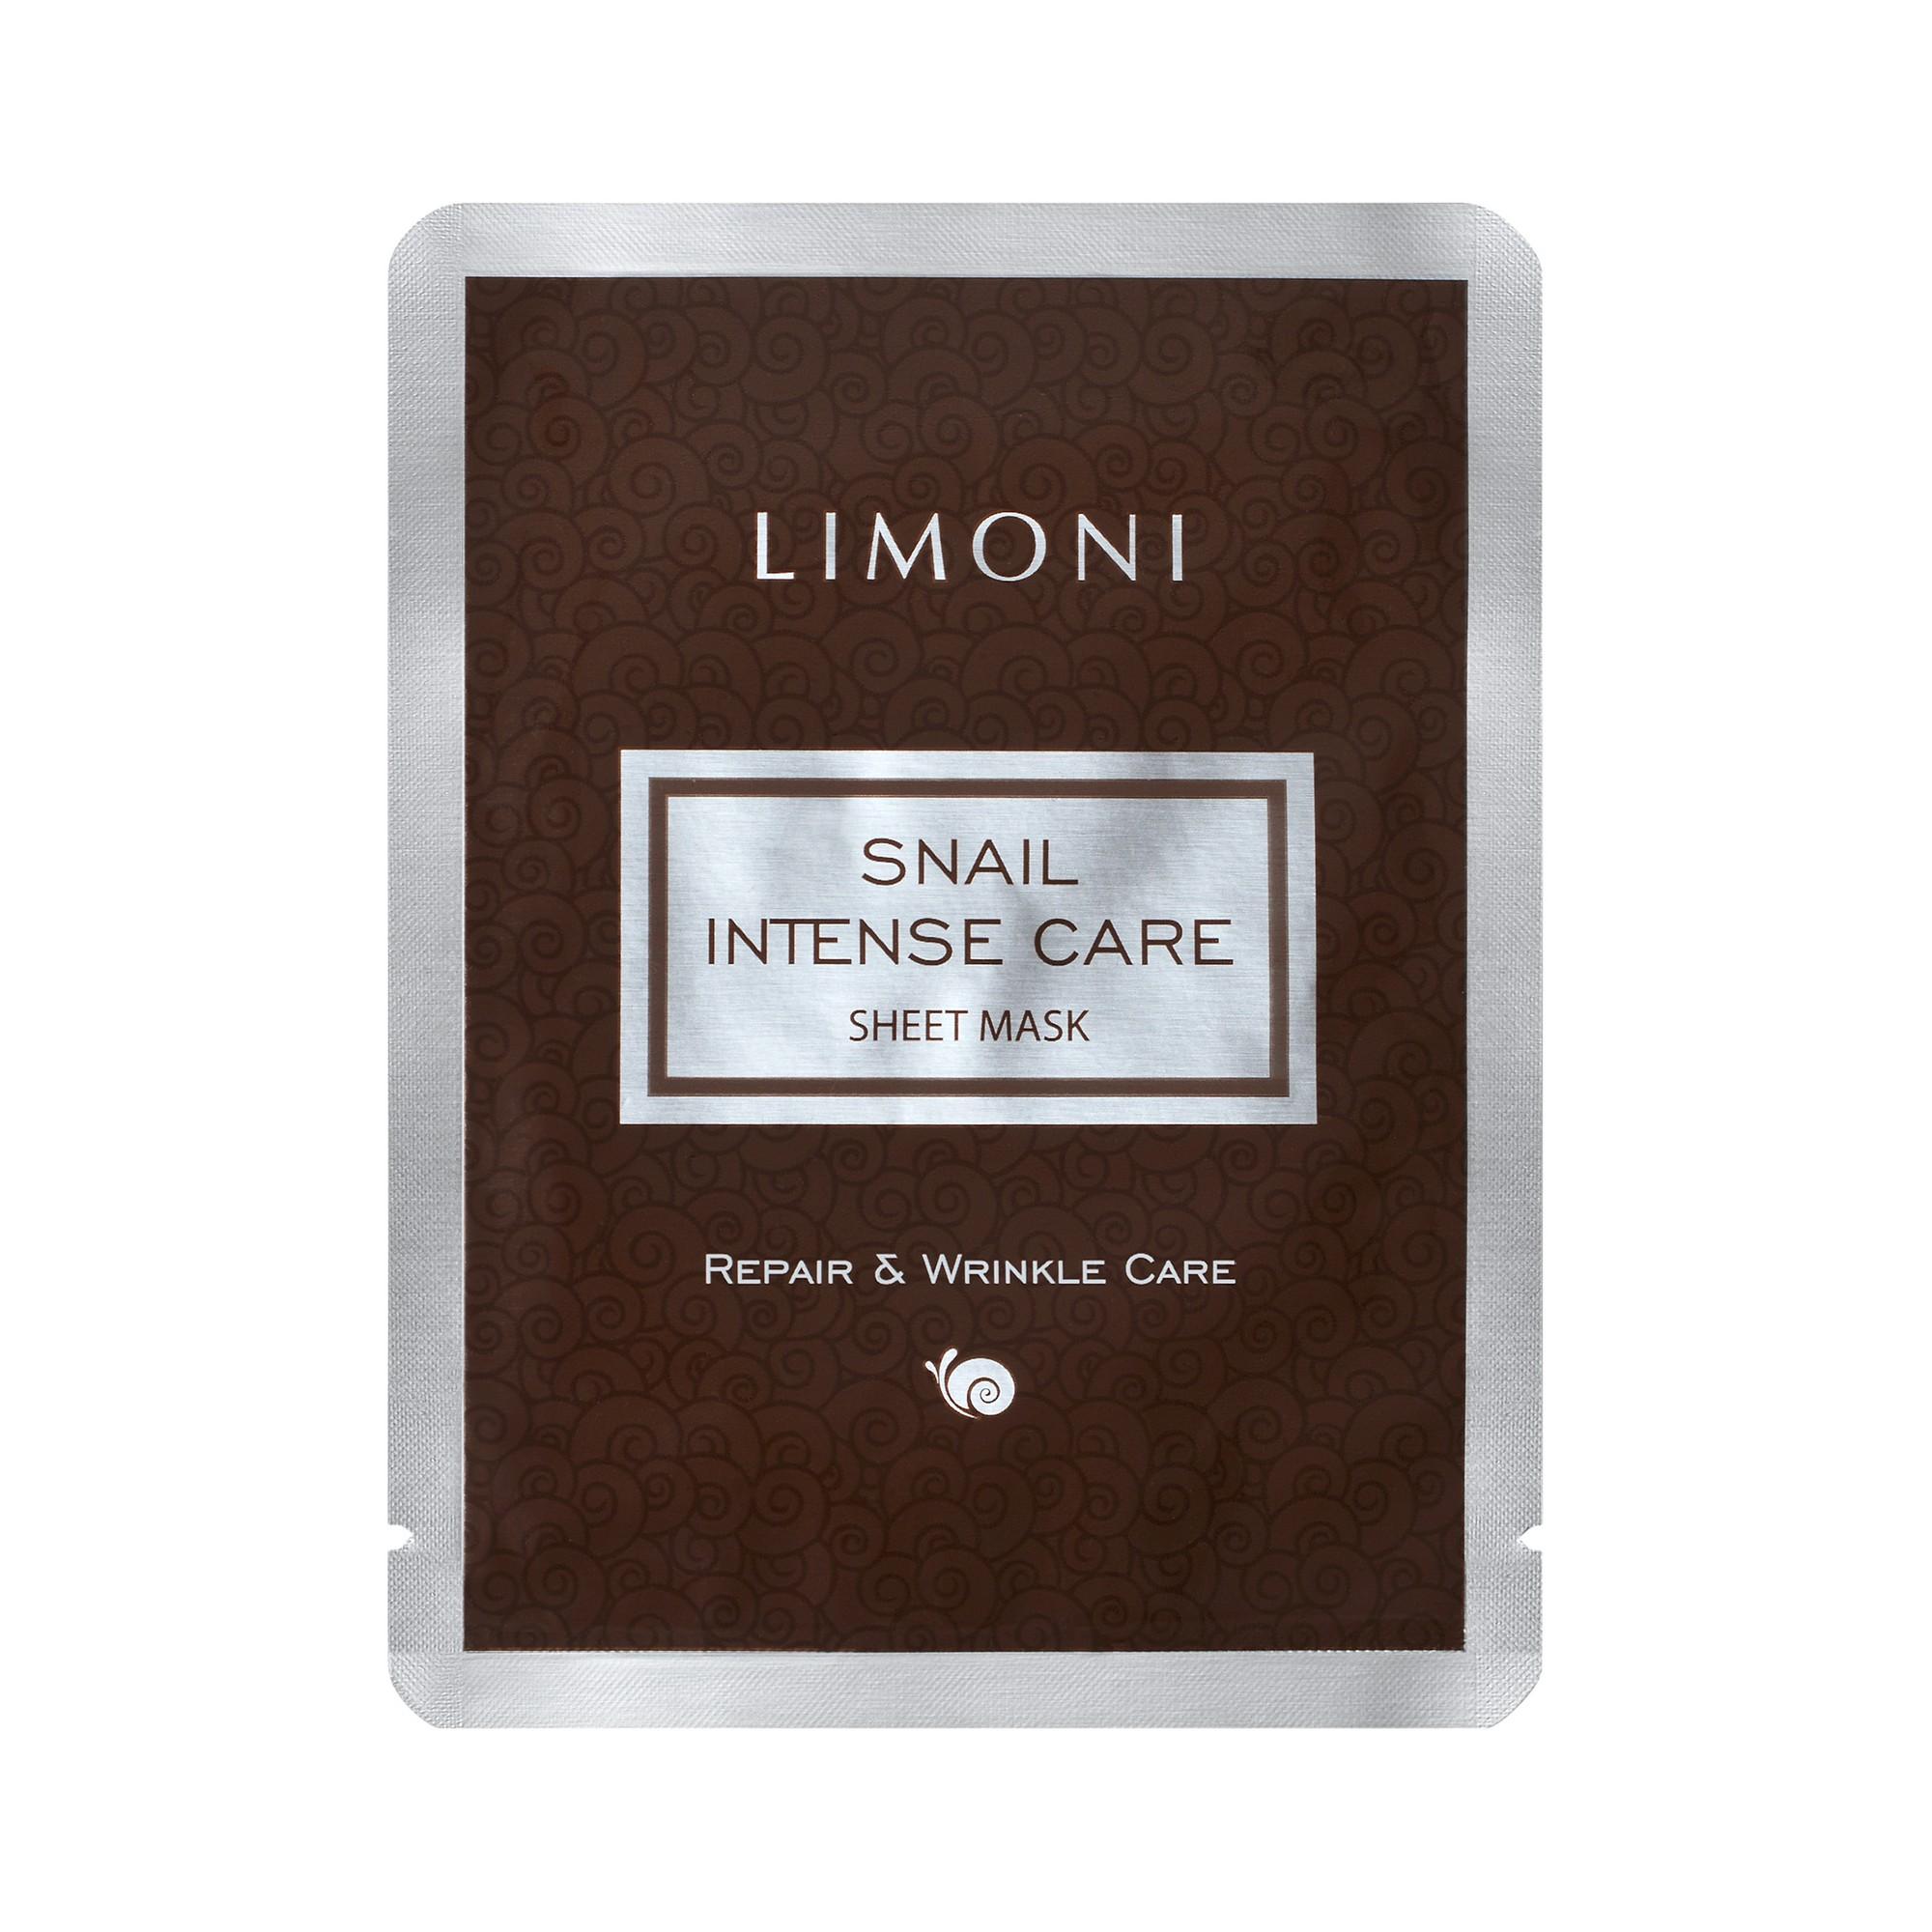 Купить LIMONI Маска интенсивная для лица с экстрактом секреции улитки / Snail Intense Care Sheet Mask 18 г